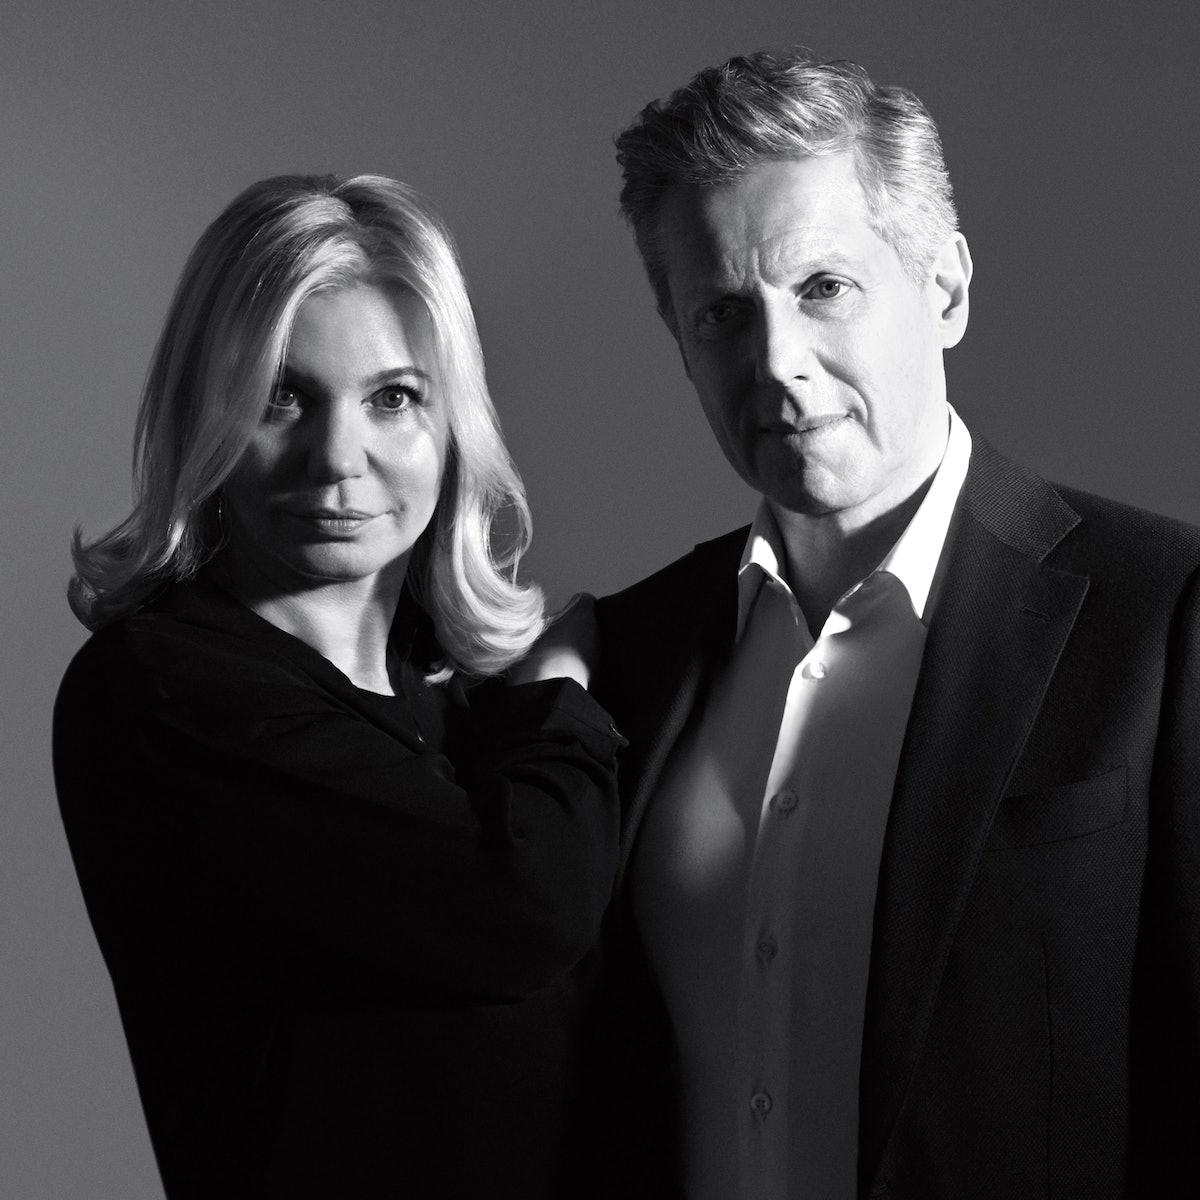 Fiorucci - Janie and Stephen Schaffer